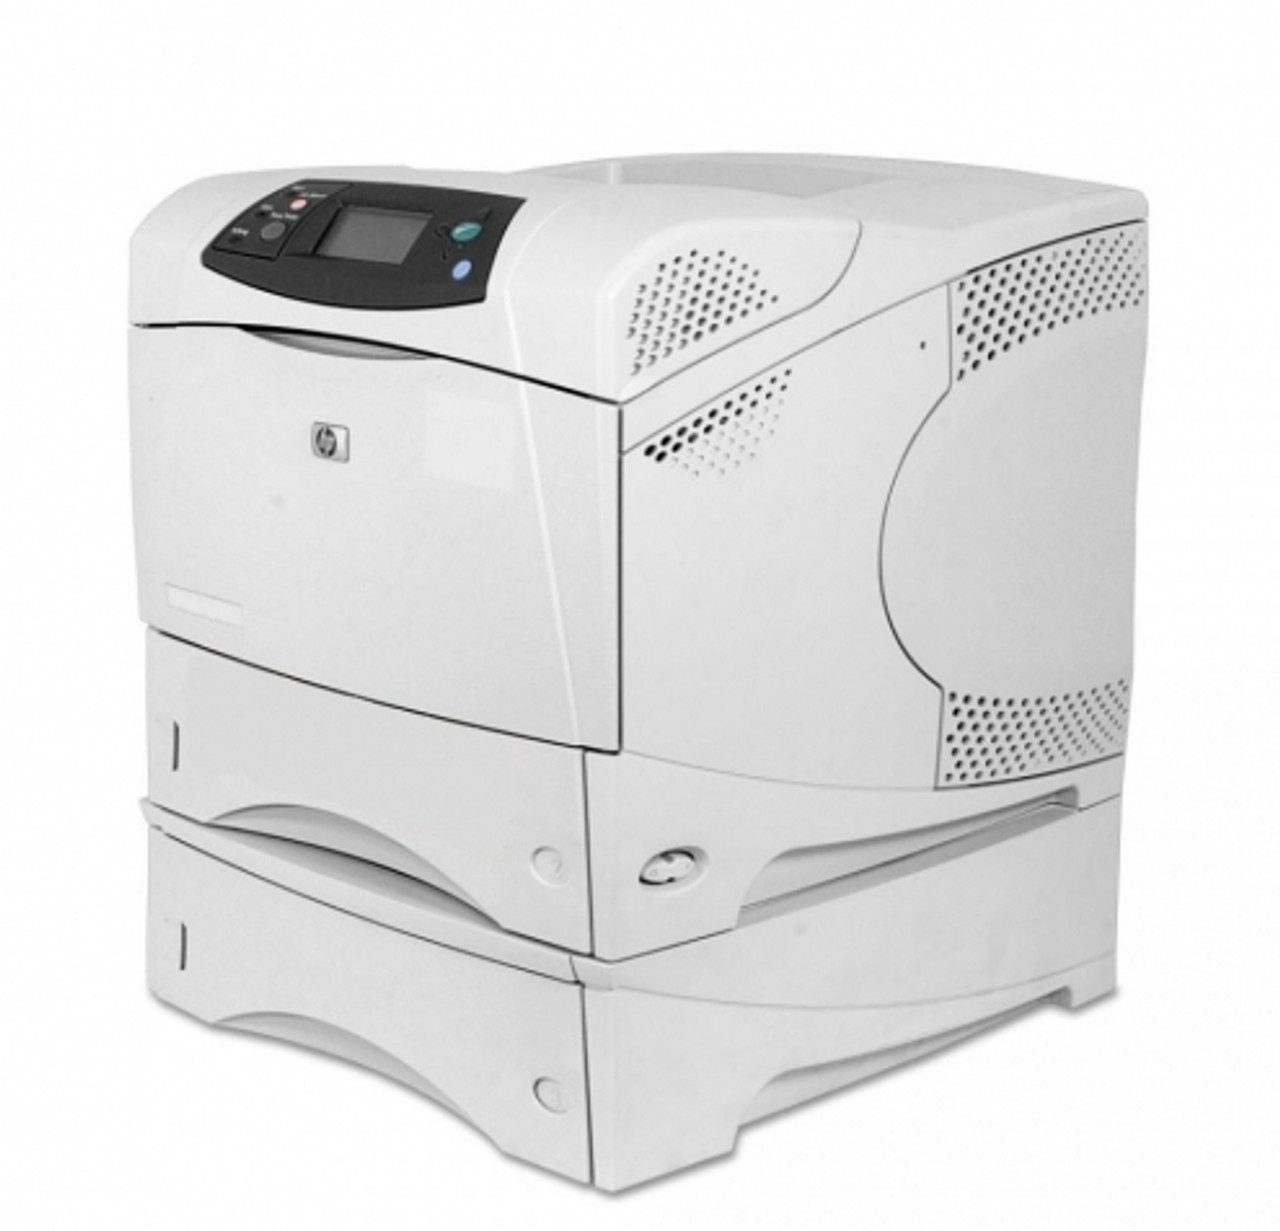 HP LaserJet 4350dtn - Q5409AR  - HP Laser Printer for sale